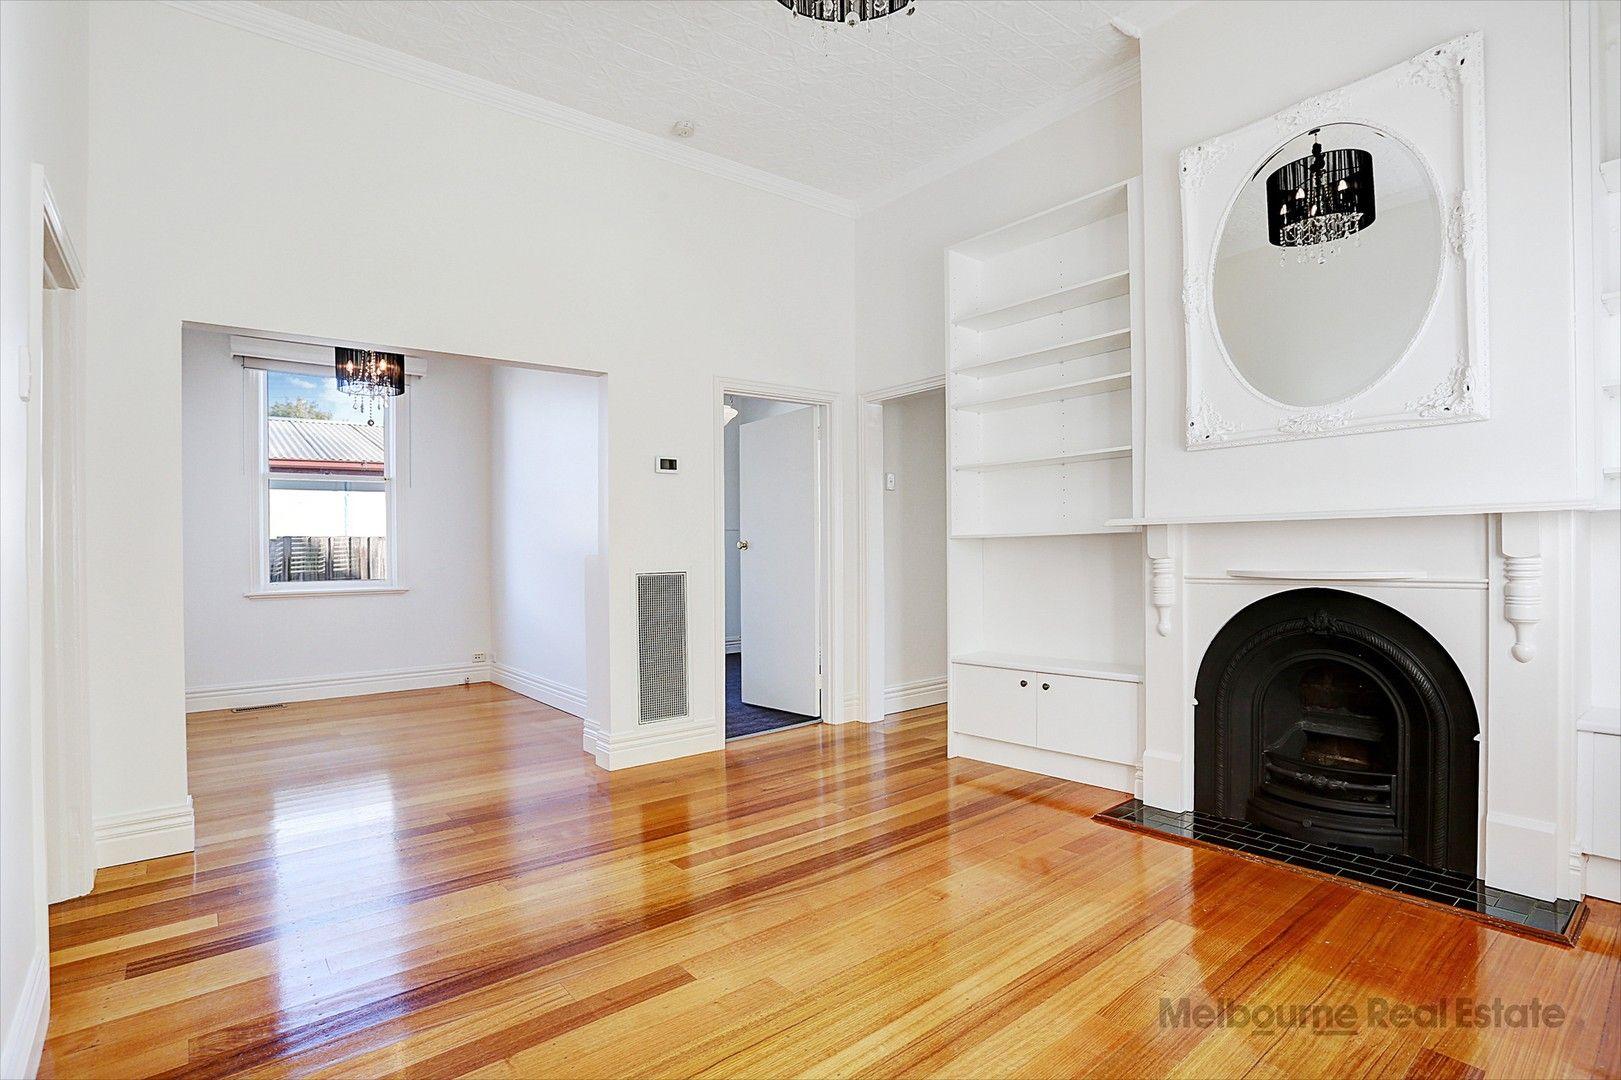 3 bedrooms House in 2 Holroyd Street COBURG VIC, 3058